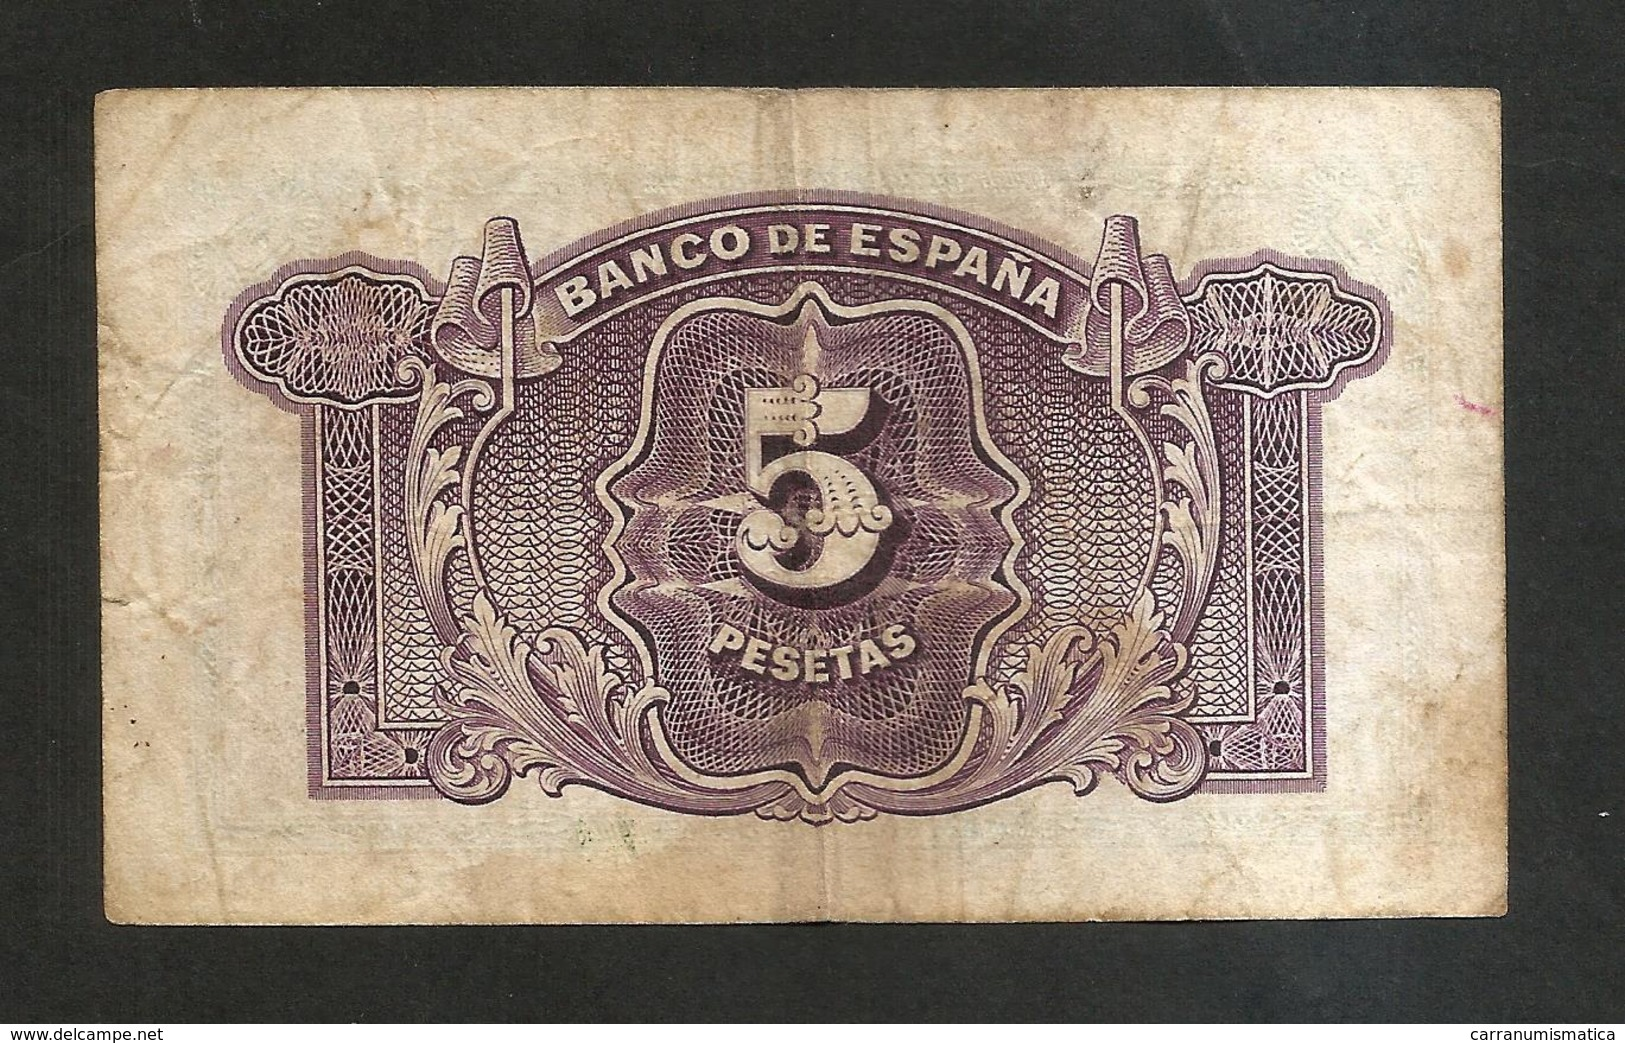 SPAGNA / SPAIN - 5 Pesetas (1935) - [ 2] 1931-1936 : Repubblica